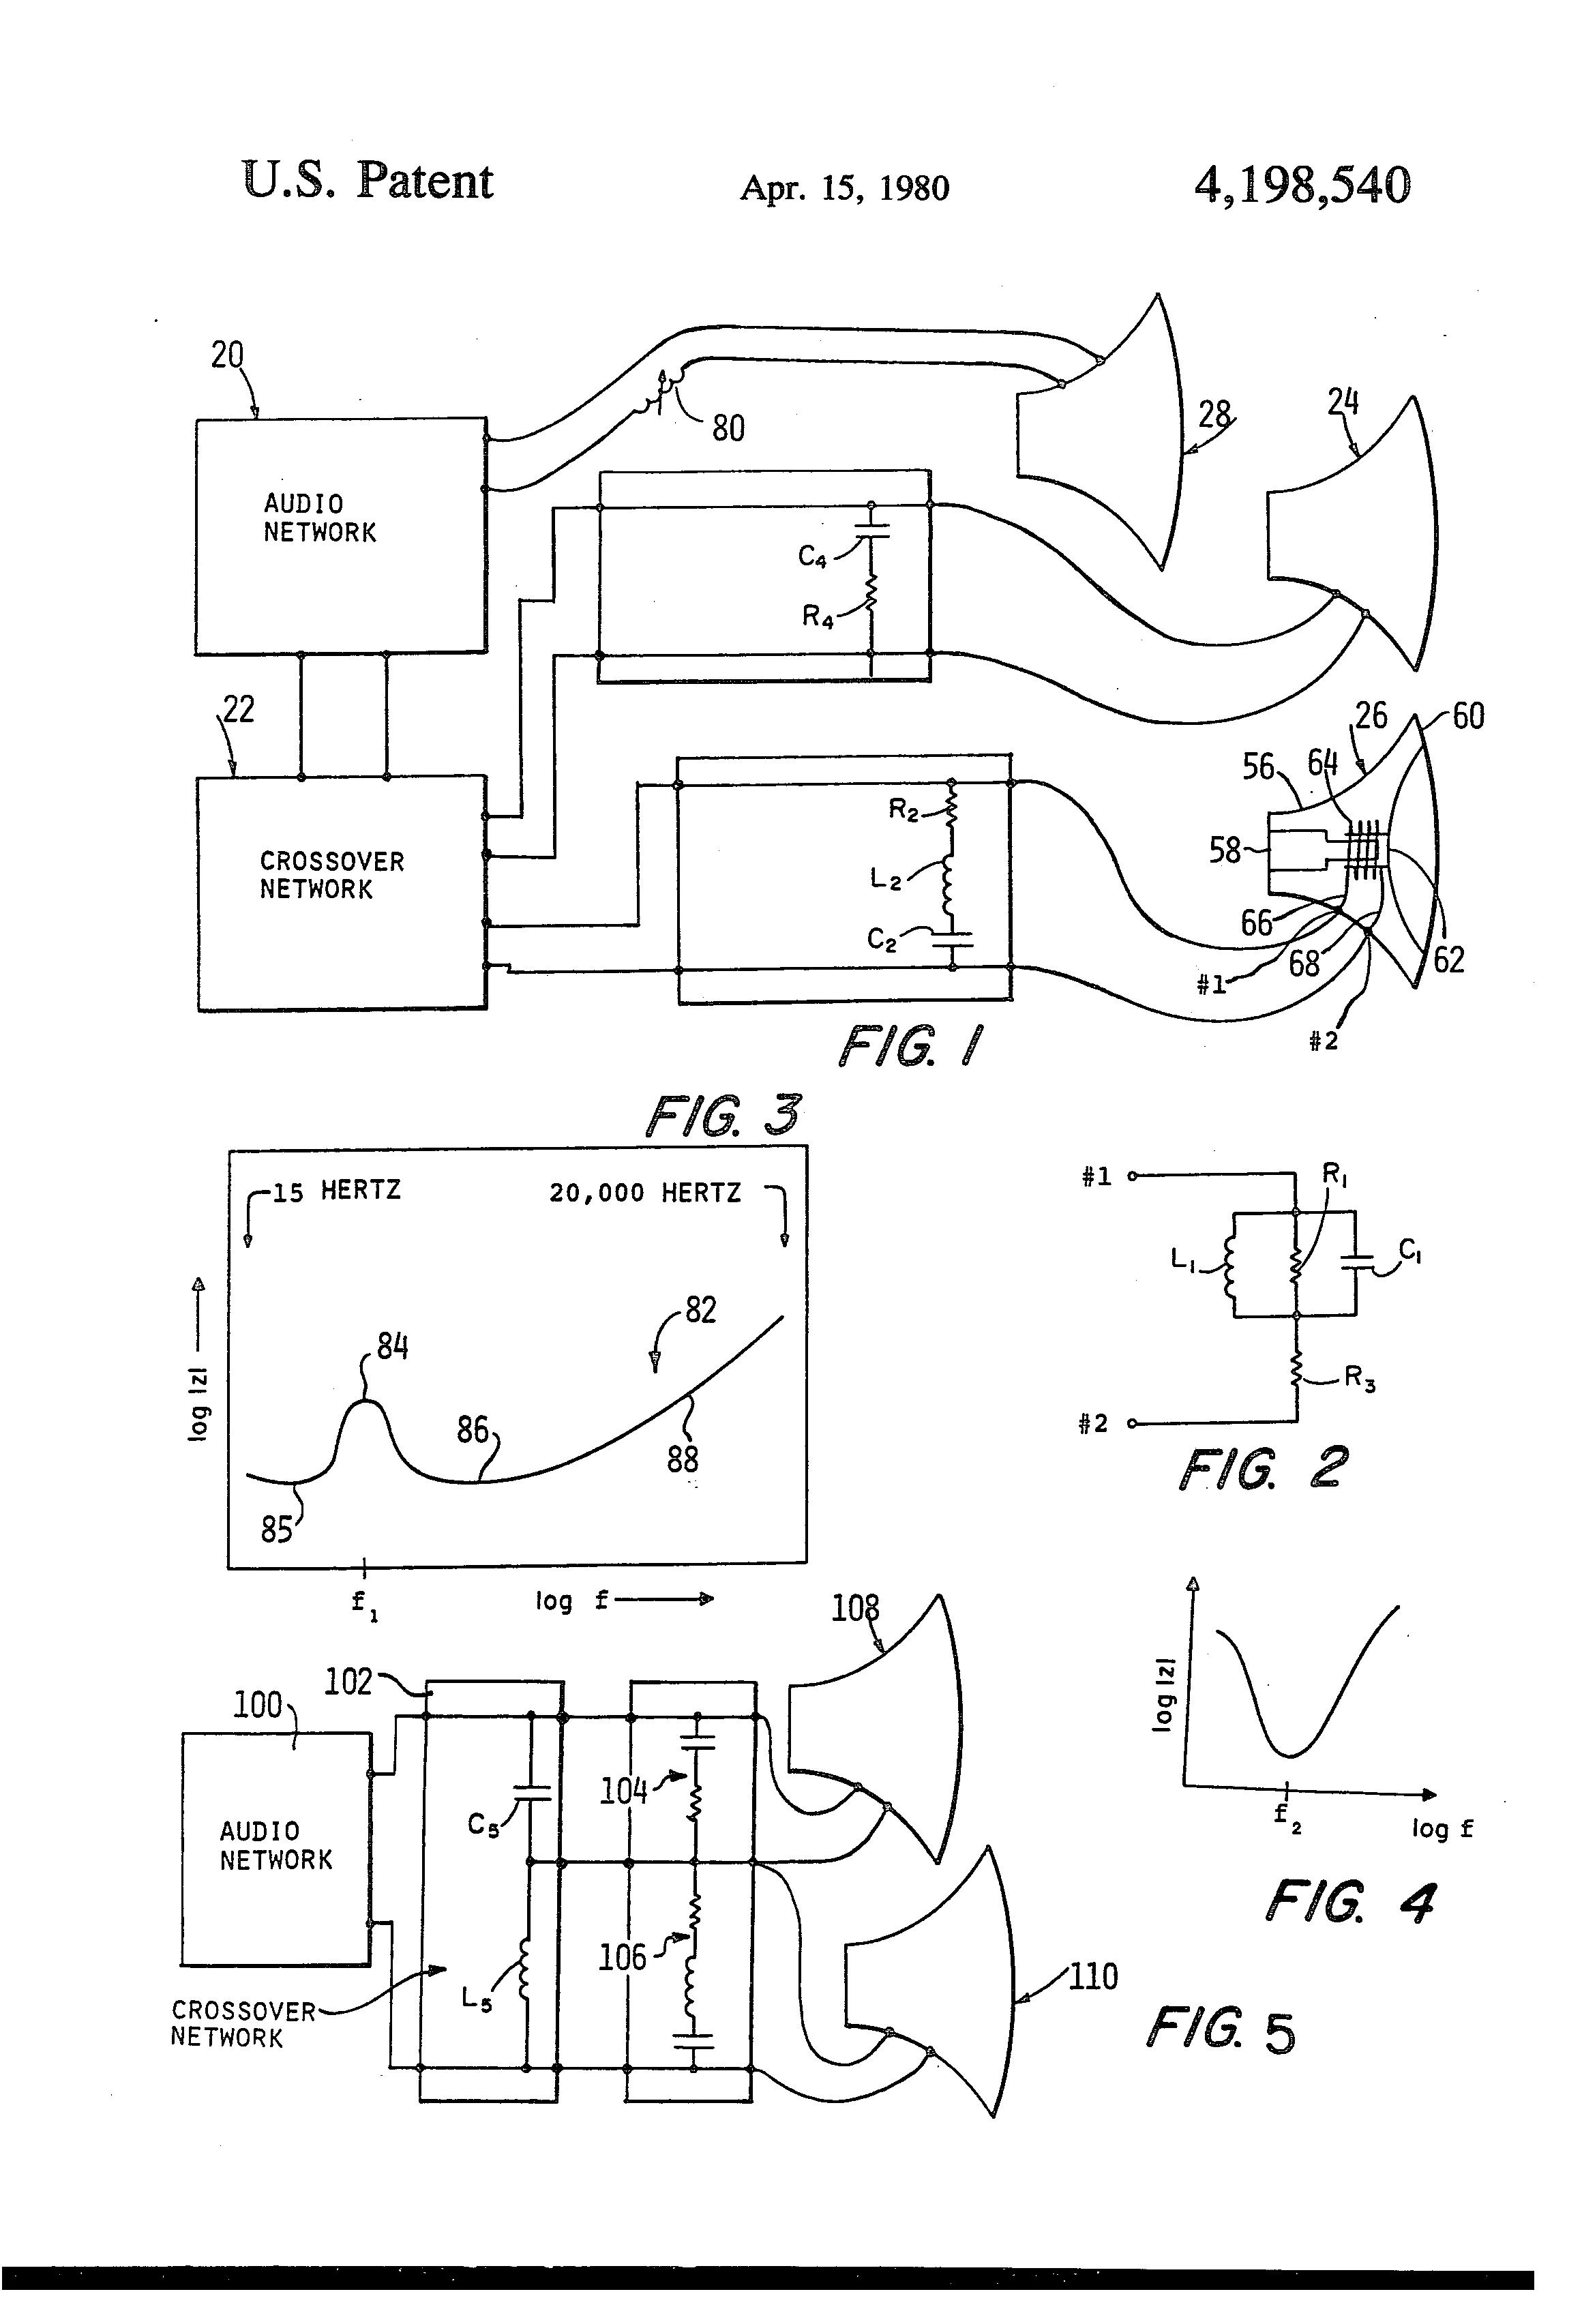 brevet us4198540 pensated crossover network brevets Enterprise Logical Design Diagram